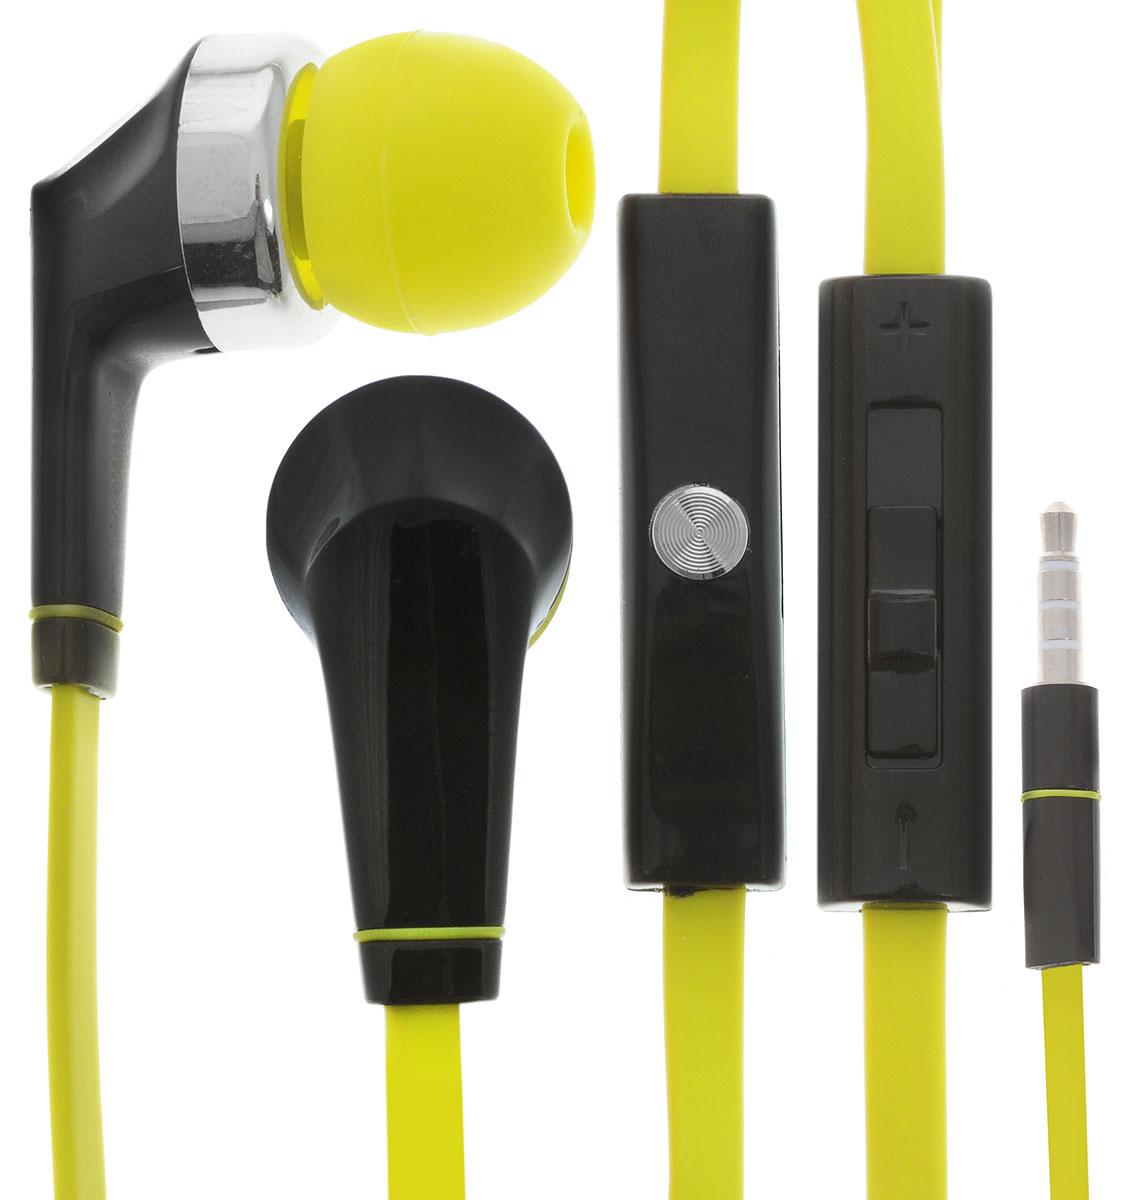 Oxion HS203, Green гарнитураOX-HS203GRПроводная стереогарнитура Oxion HS203 со вставными наушниками. Обладает плоским проводом, на котором находится регулятор громкости, кнопка ответа и высокочувствительный микрофон. Легкая и комфортная в применении. Инновационный дизайн и превосходное звучание.